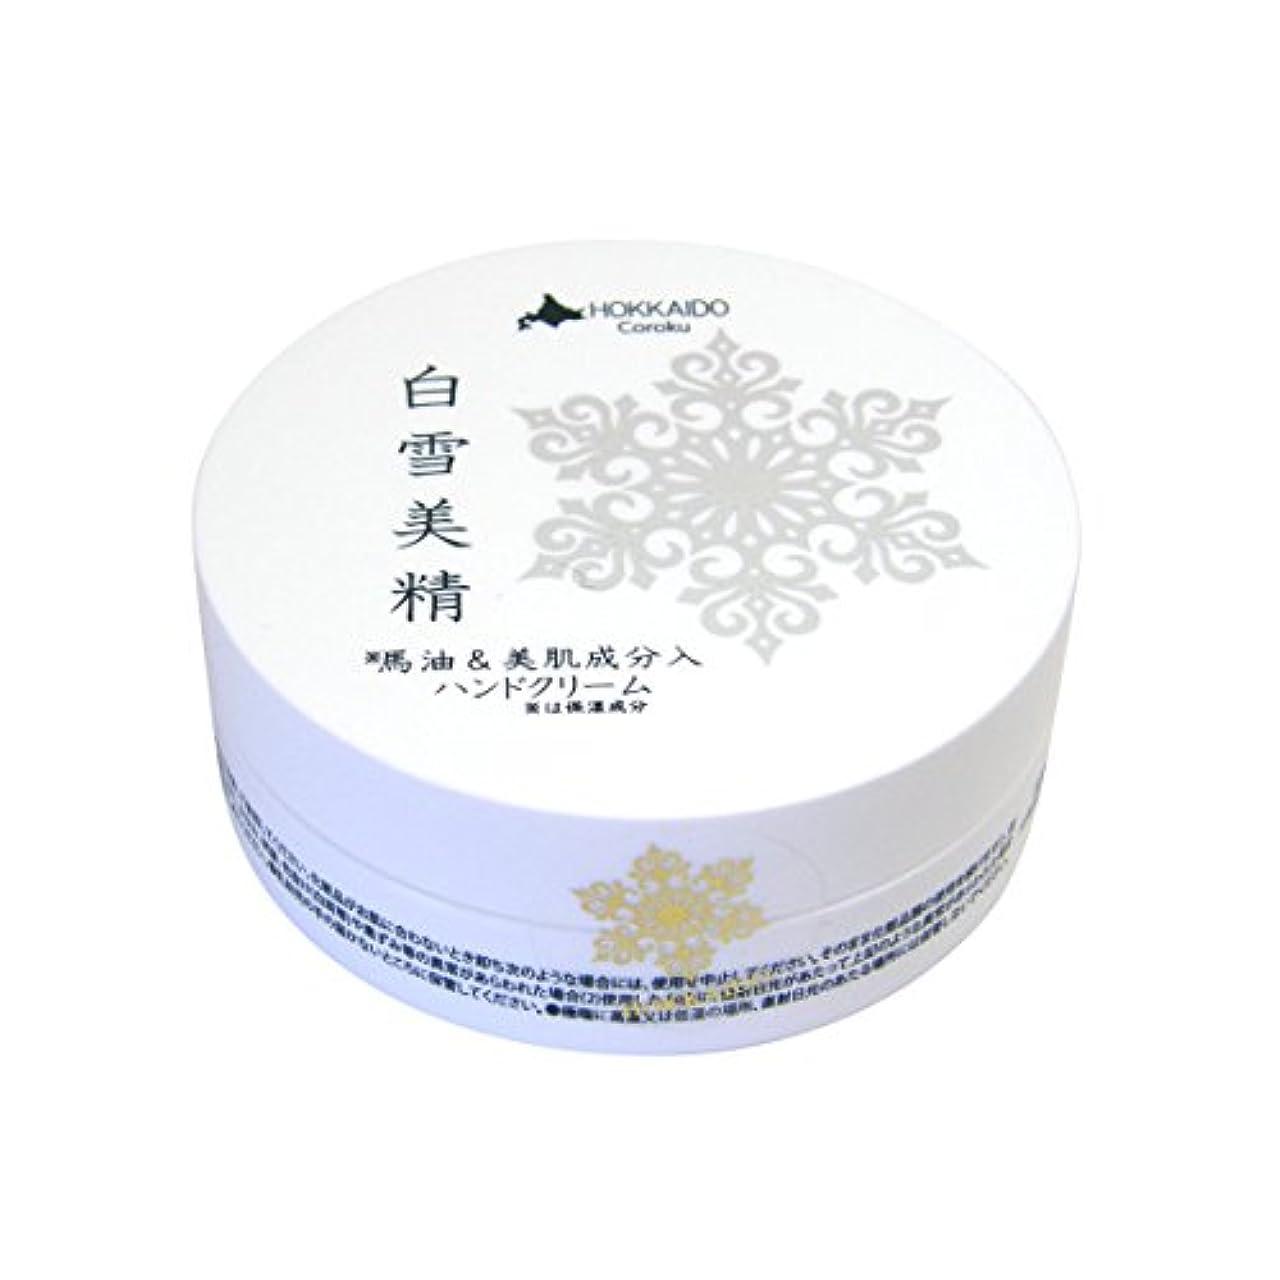 中世の別にティームCoroku 白雪美精 ハンドクリーム 30g